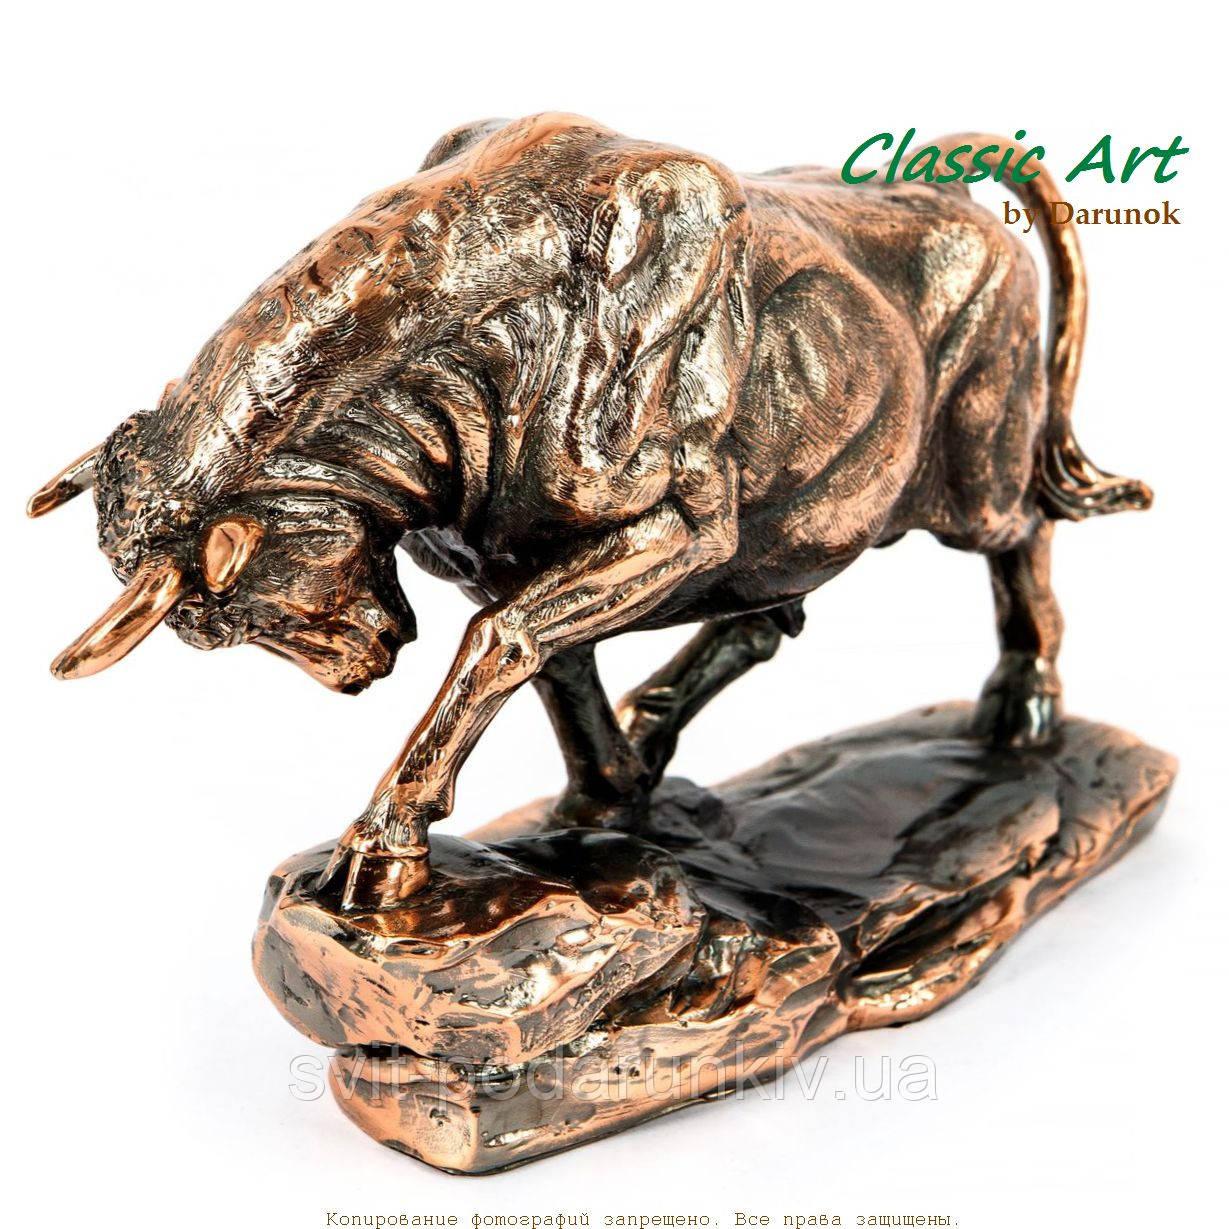 Статуэтка быка фигурка из полистоуна